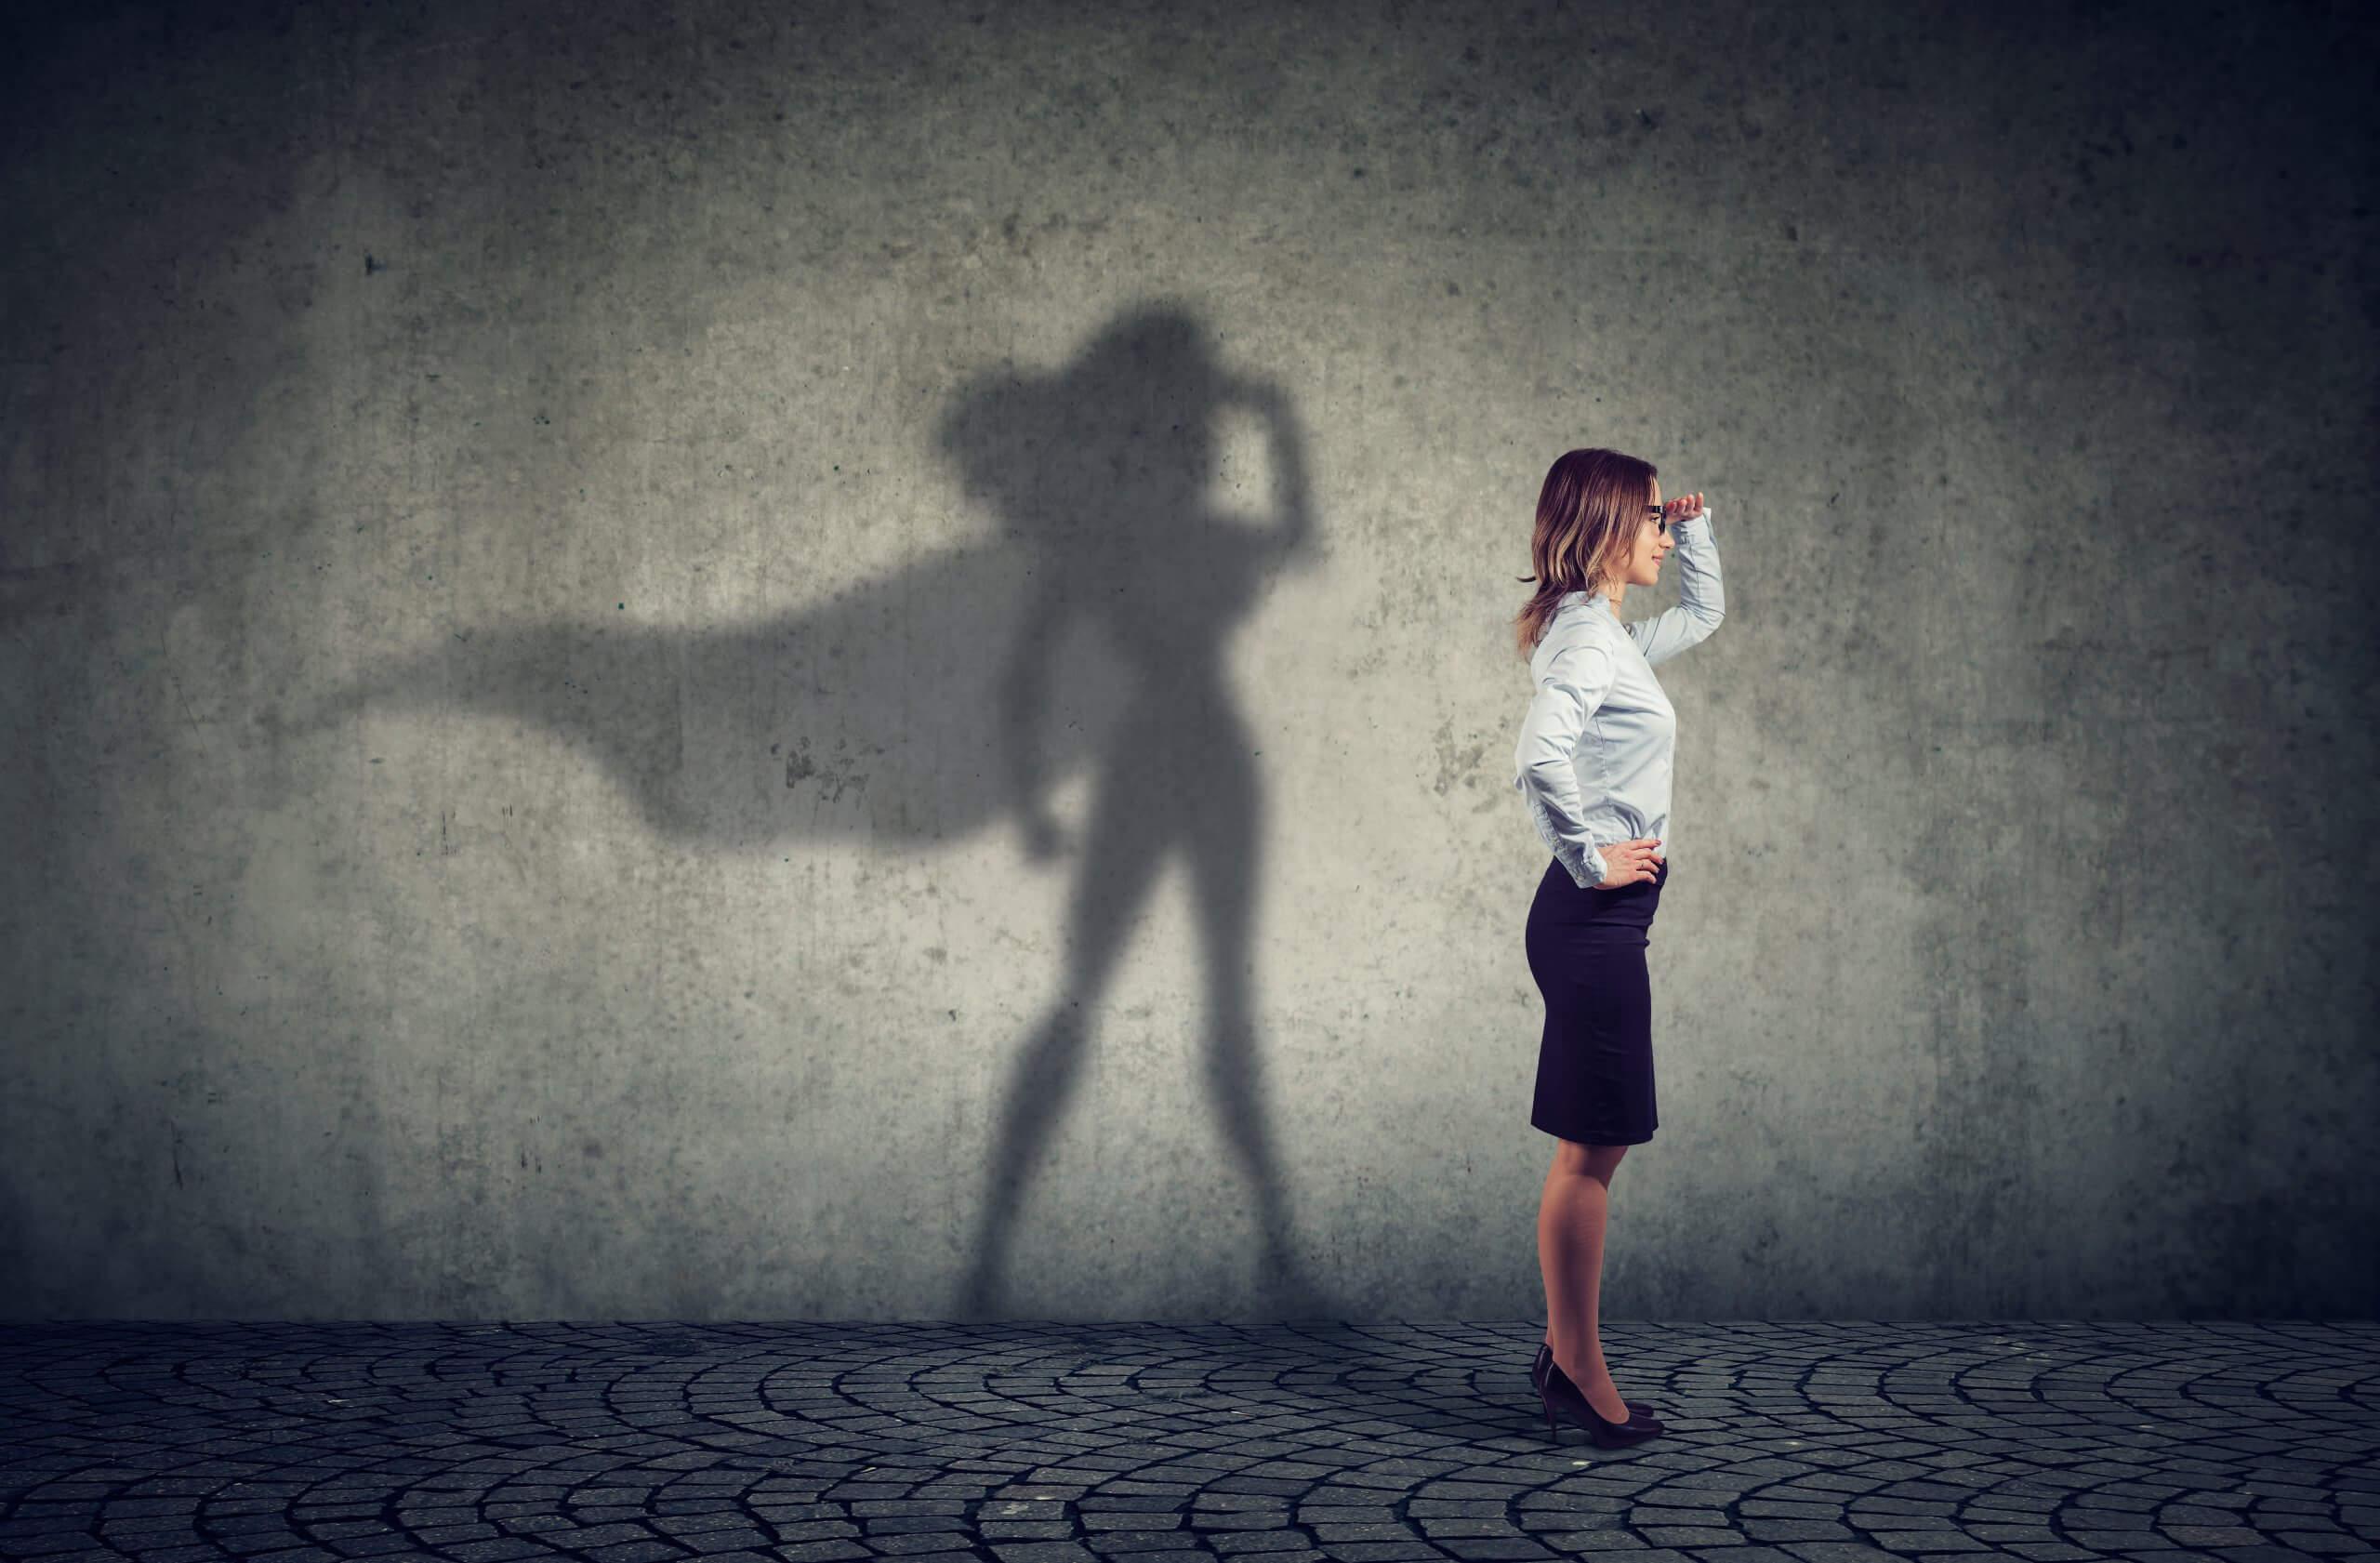 Du bist gut genug!, c: Shutterstock